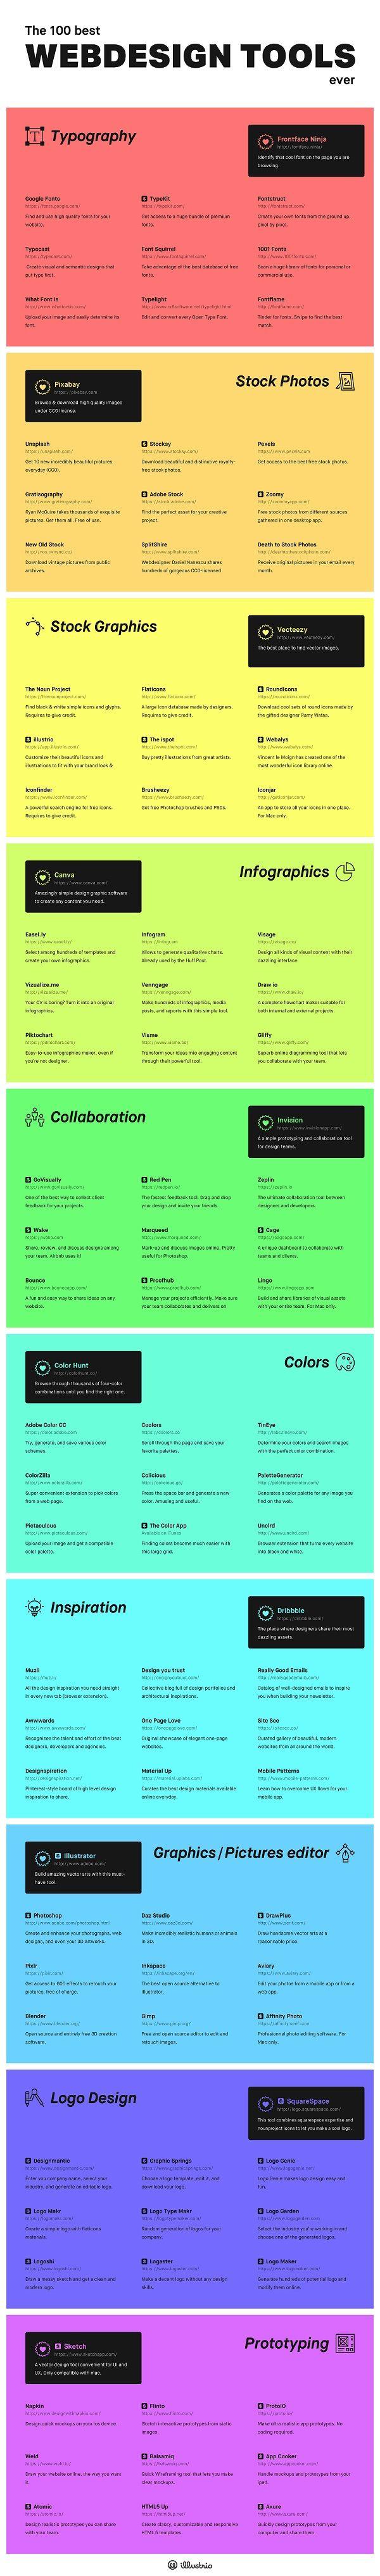 Infographic: The 100 Best Web Design Tools Ever - DesignTAXI.com